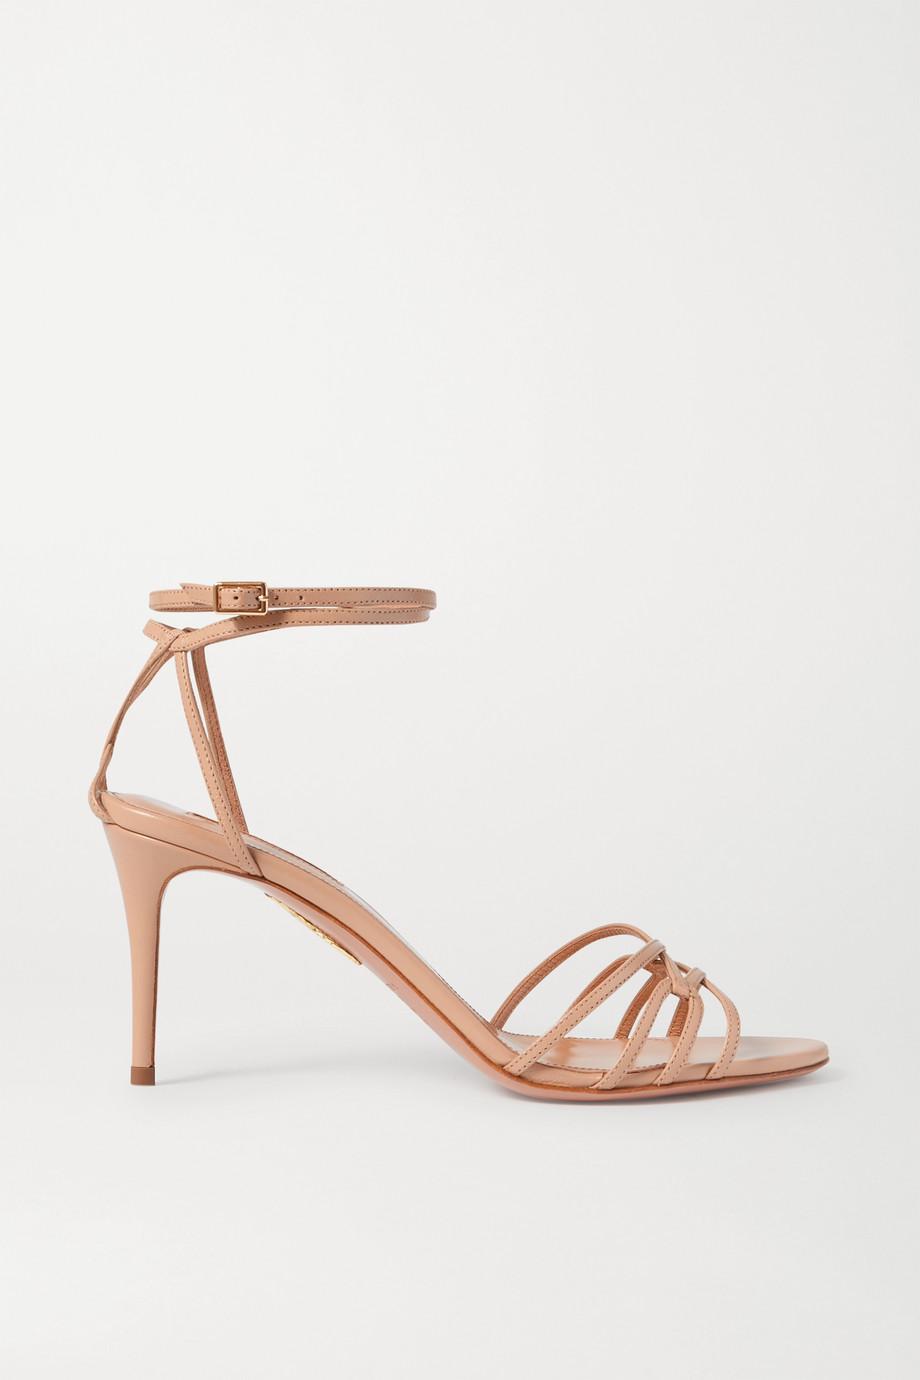 Aquazzura Very First Kiss 75 leather sandals